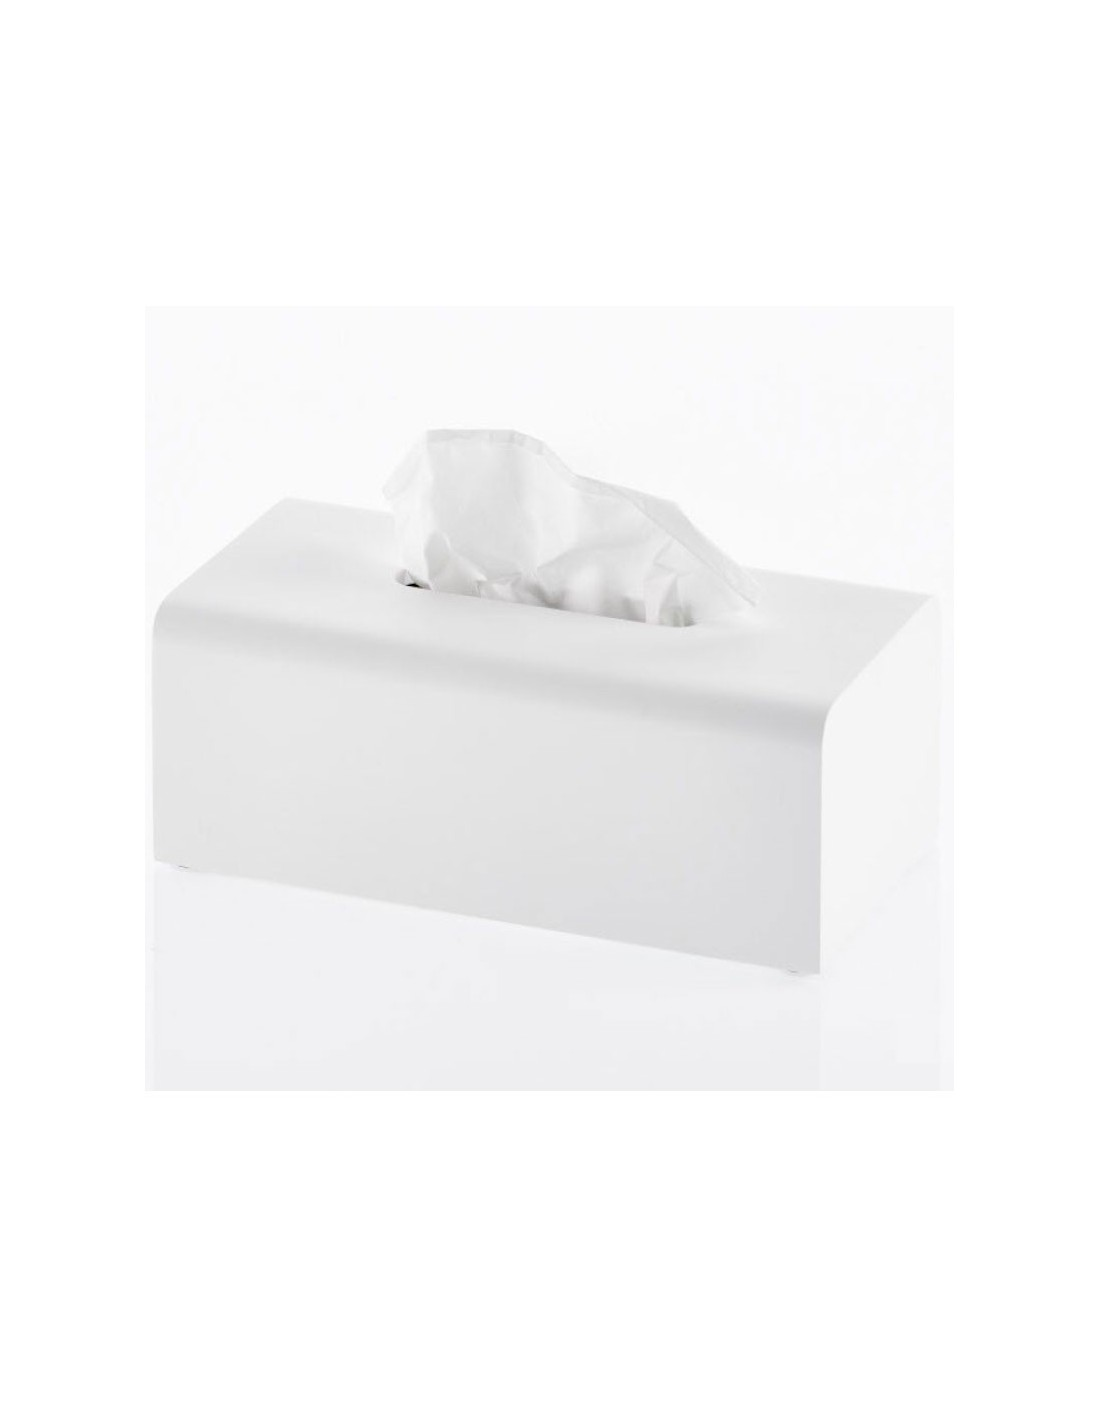 Boite à mouchoirs STONE en résine synthétique de couleur blanc mat de Decor Walther